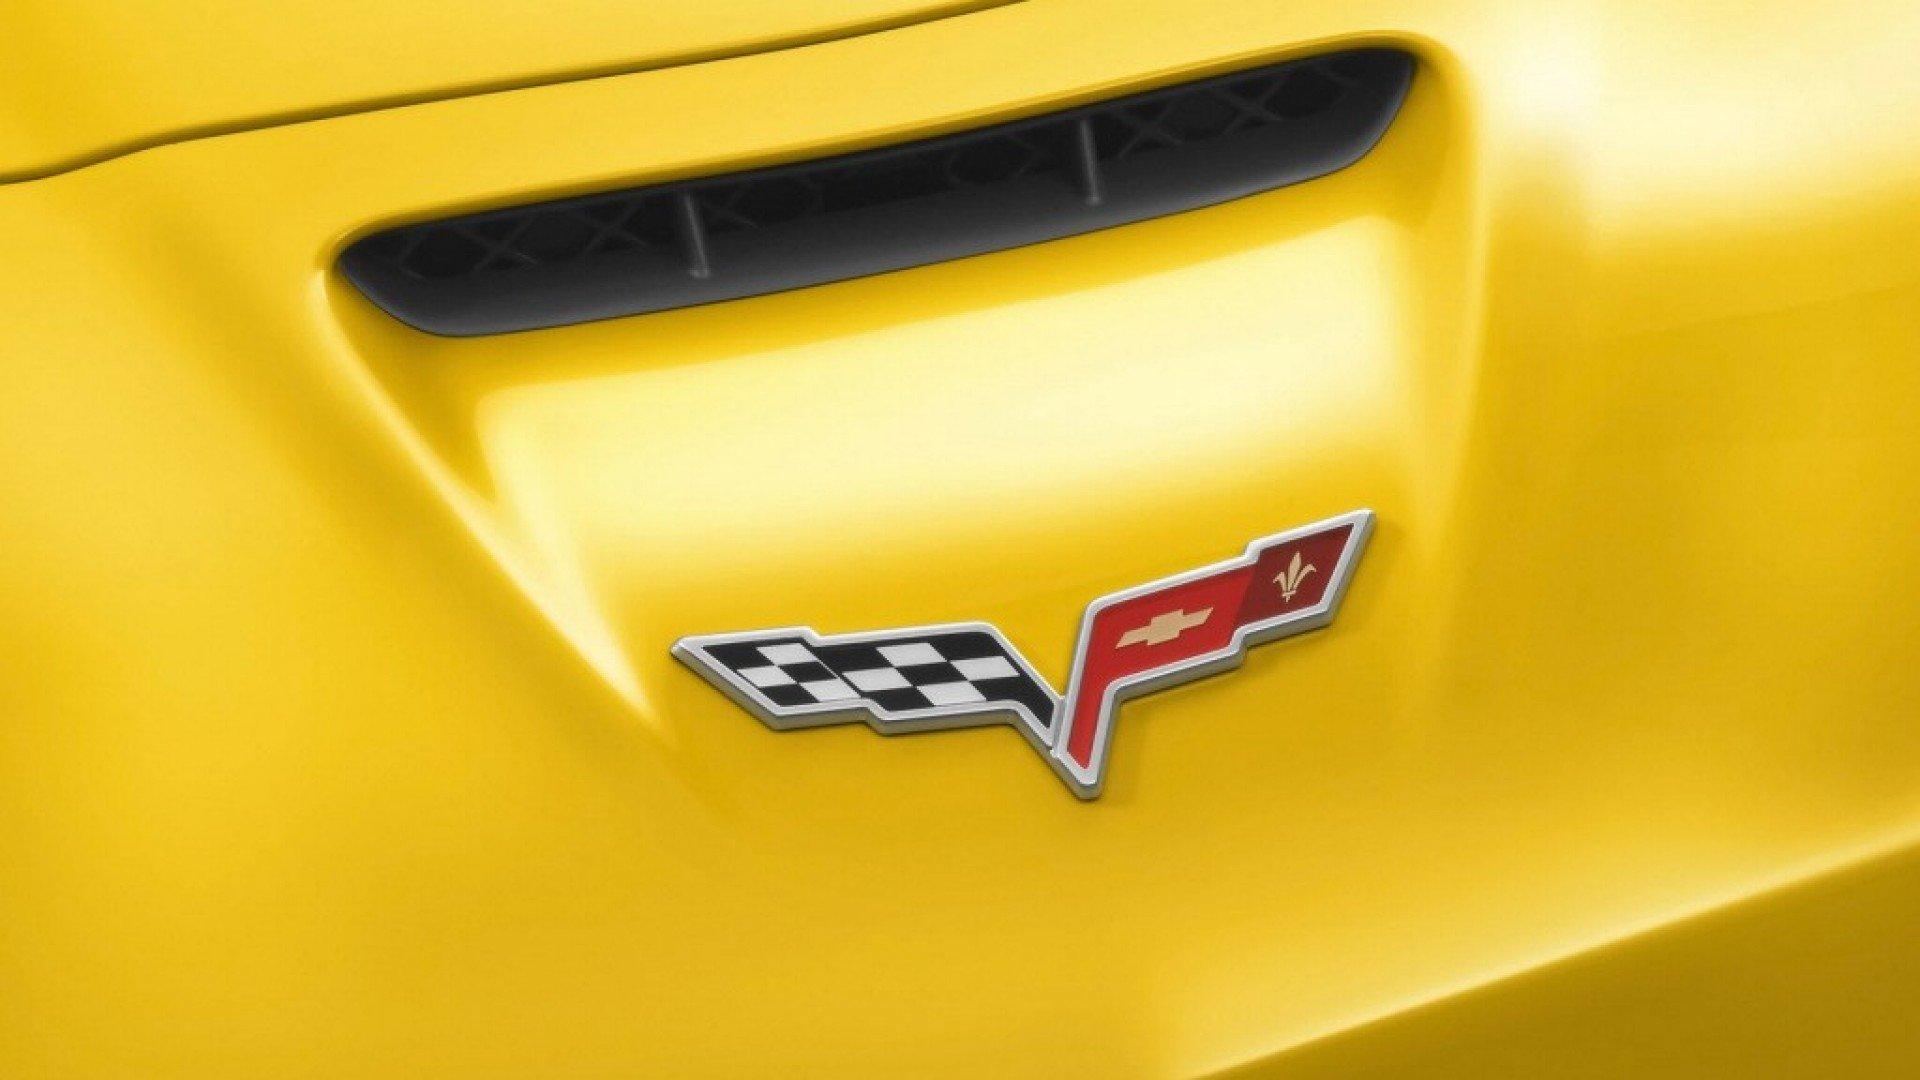 Chevrolet Corvette Hd Wallpaper Background Image